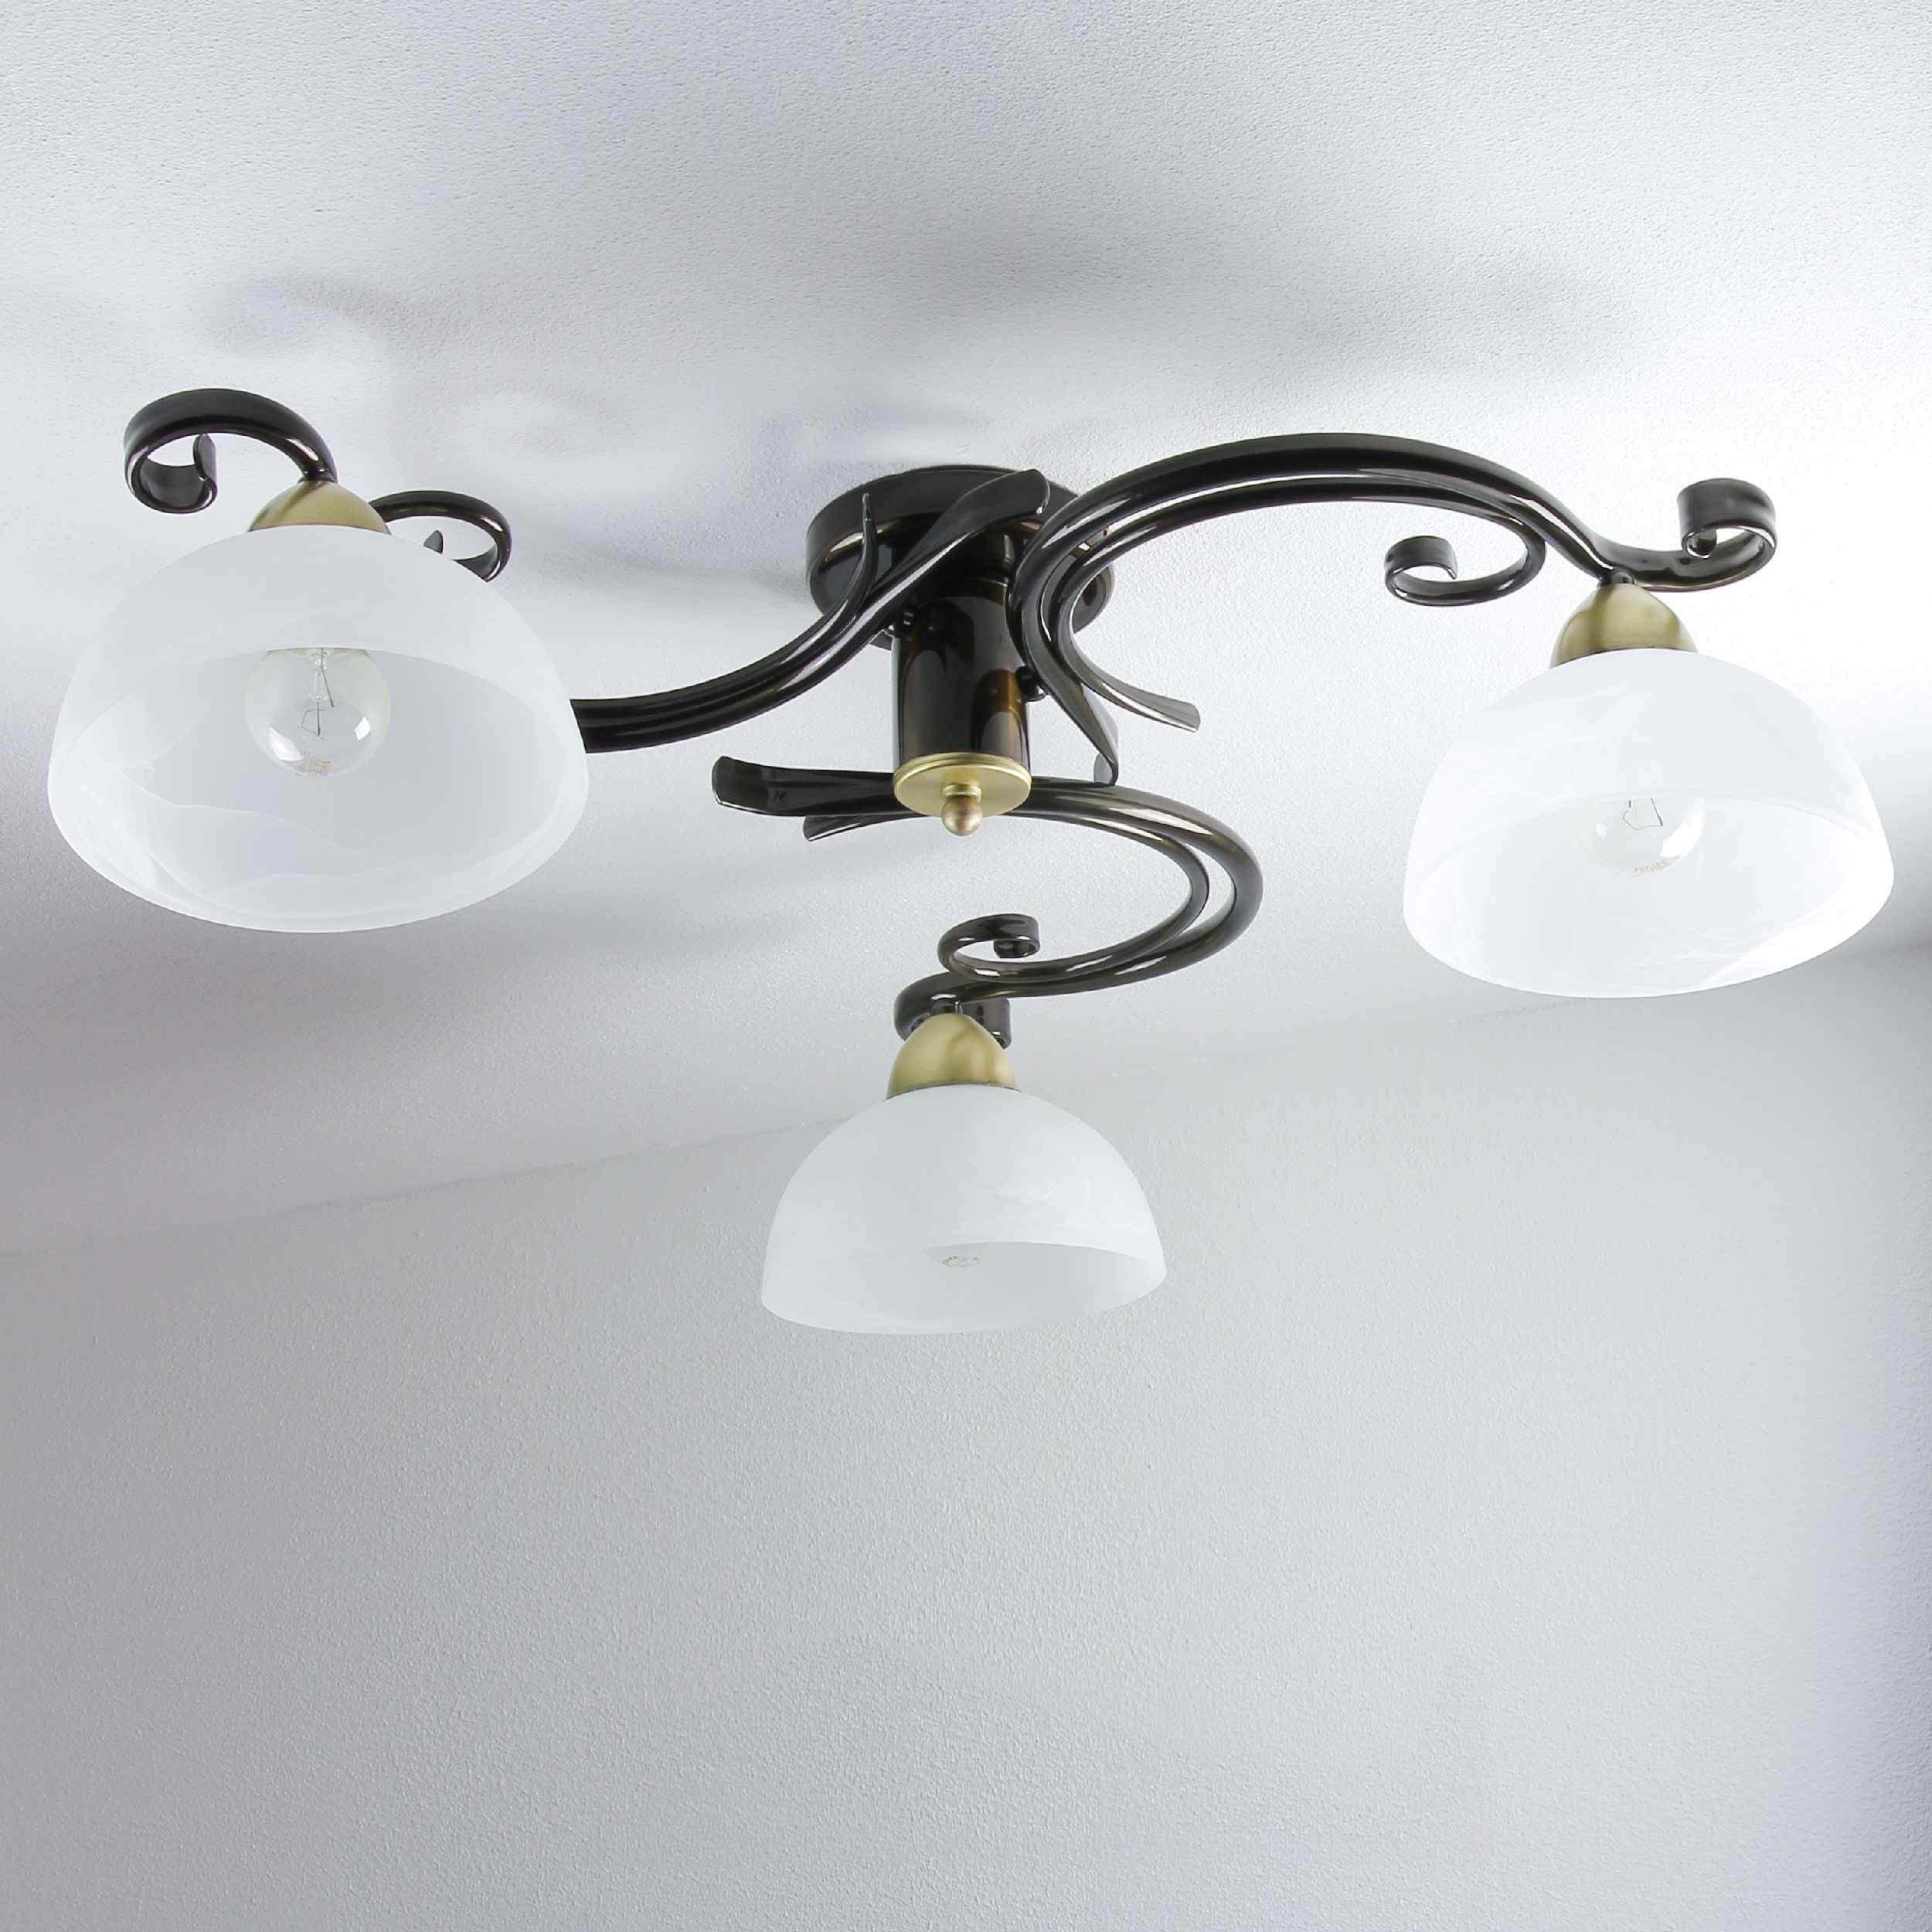 Deckenleuchte Braun Weiß Messing Landhaus rustikal Glas E27 Lampe Wohnzimmer   eBay